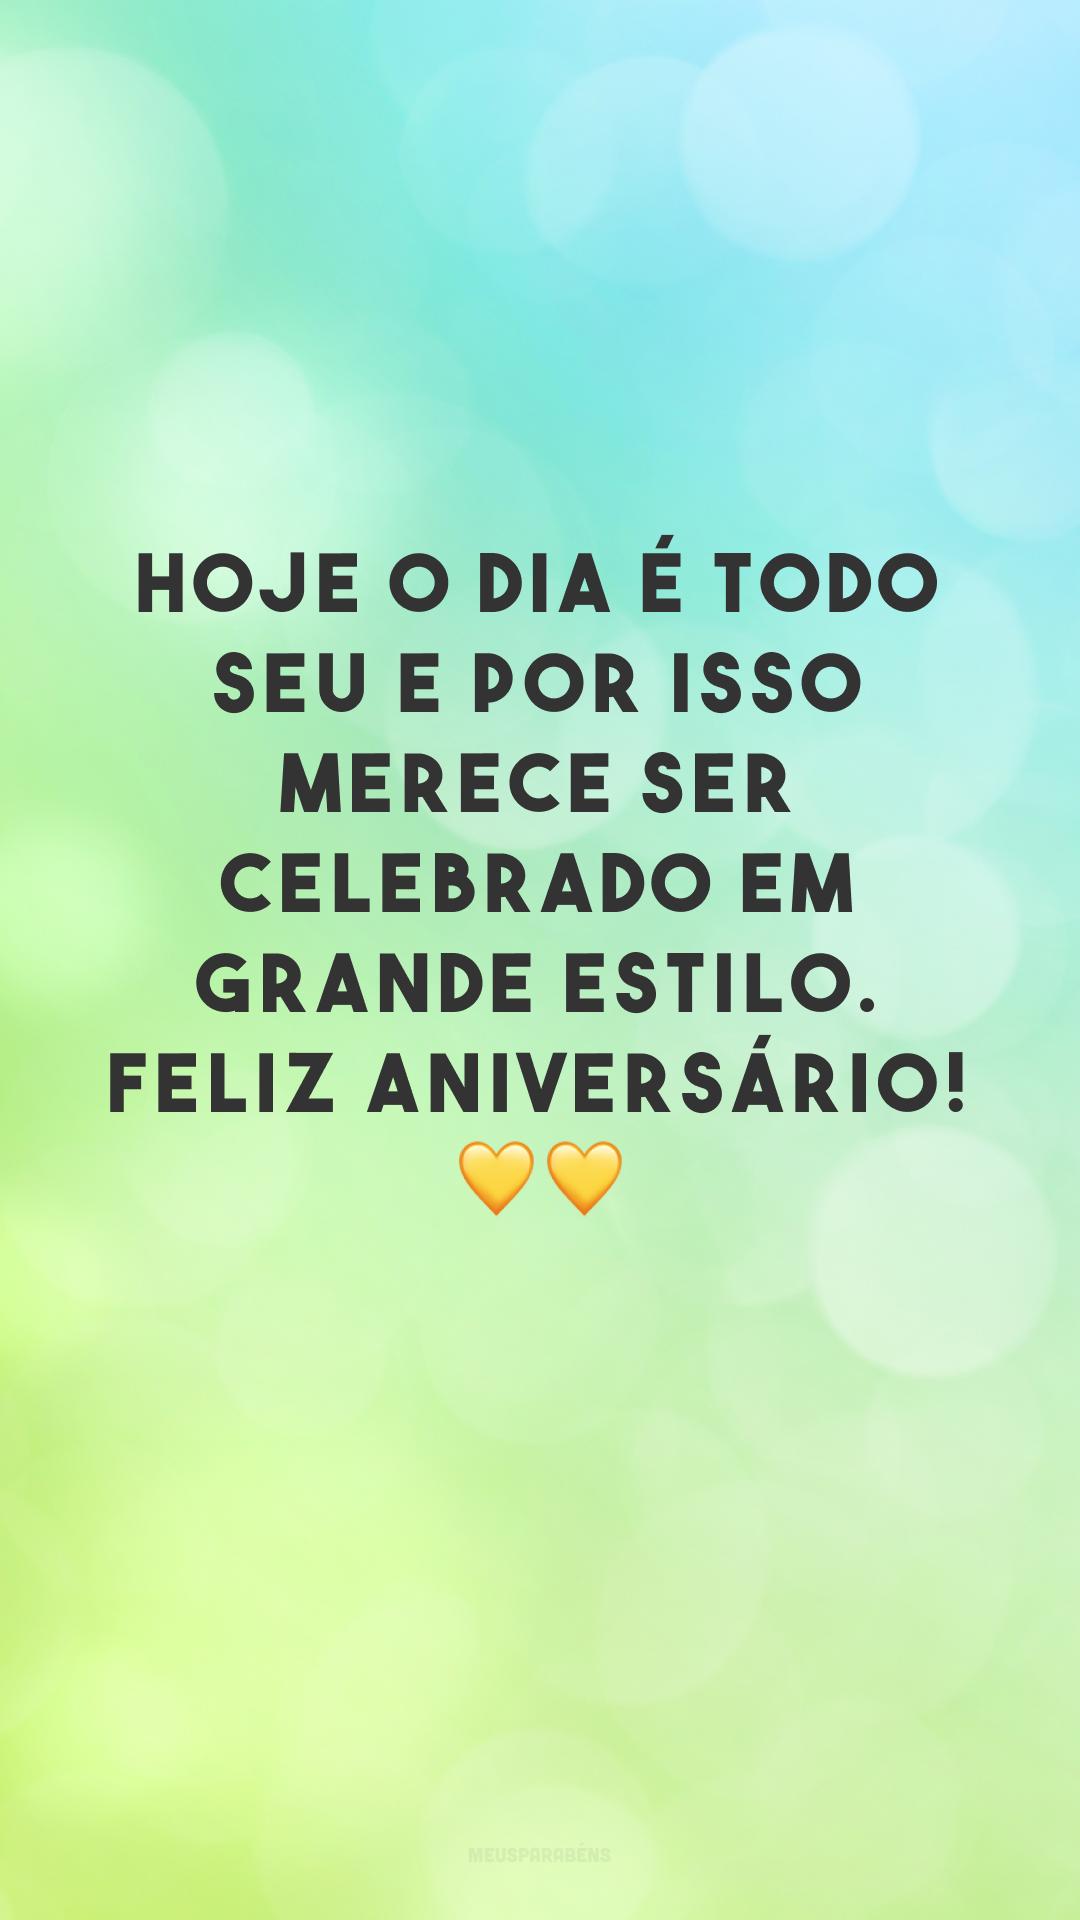 Hoje o dia é todo seu e por isso merece ser celebrado em grande estilo. Feliz aniversário! 💛💛